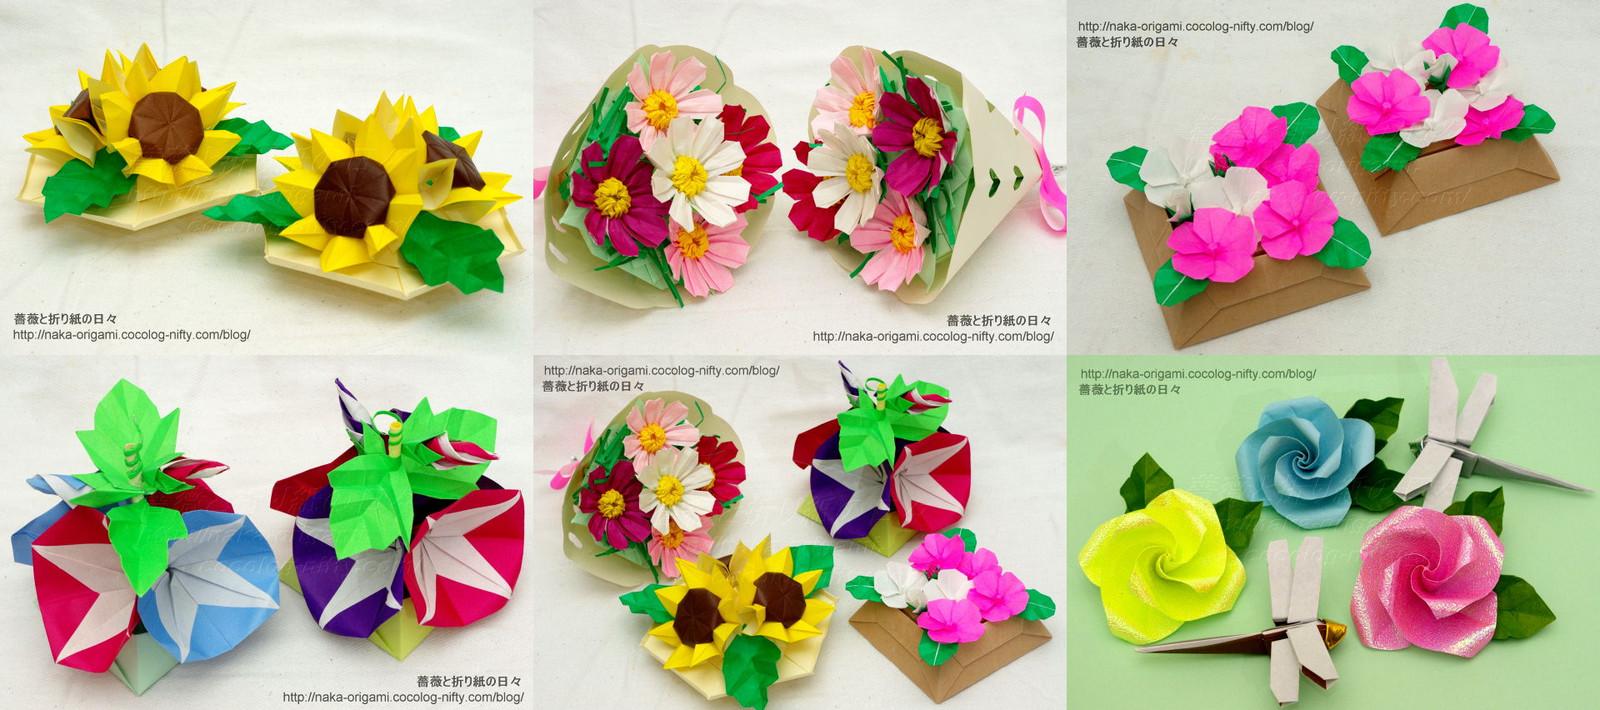 大森_折り紙教室作品サンプル2013夏